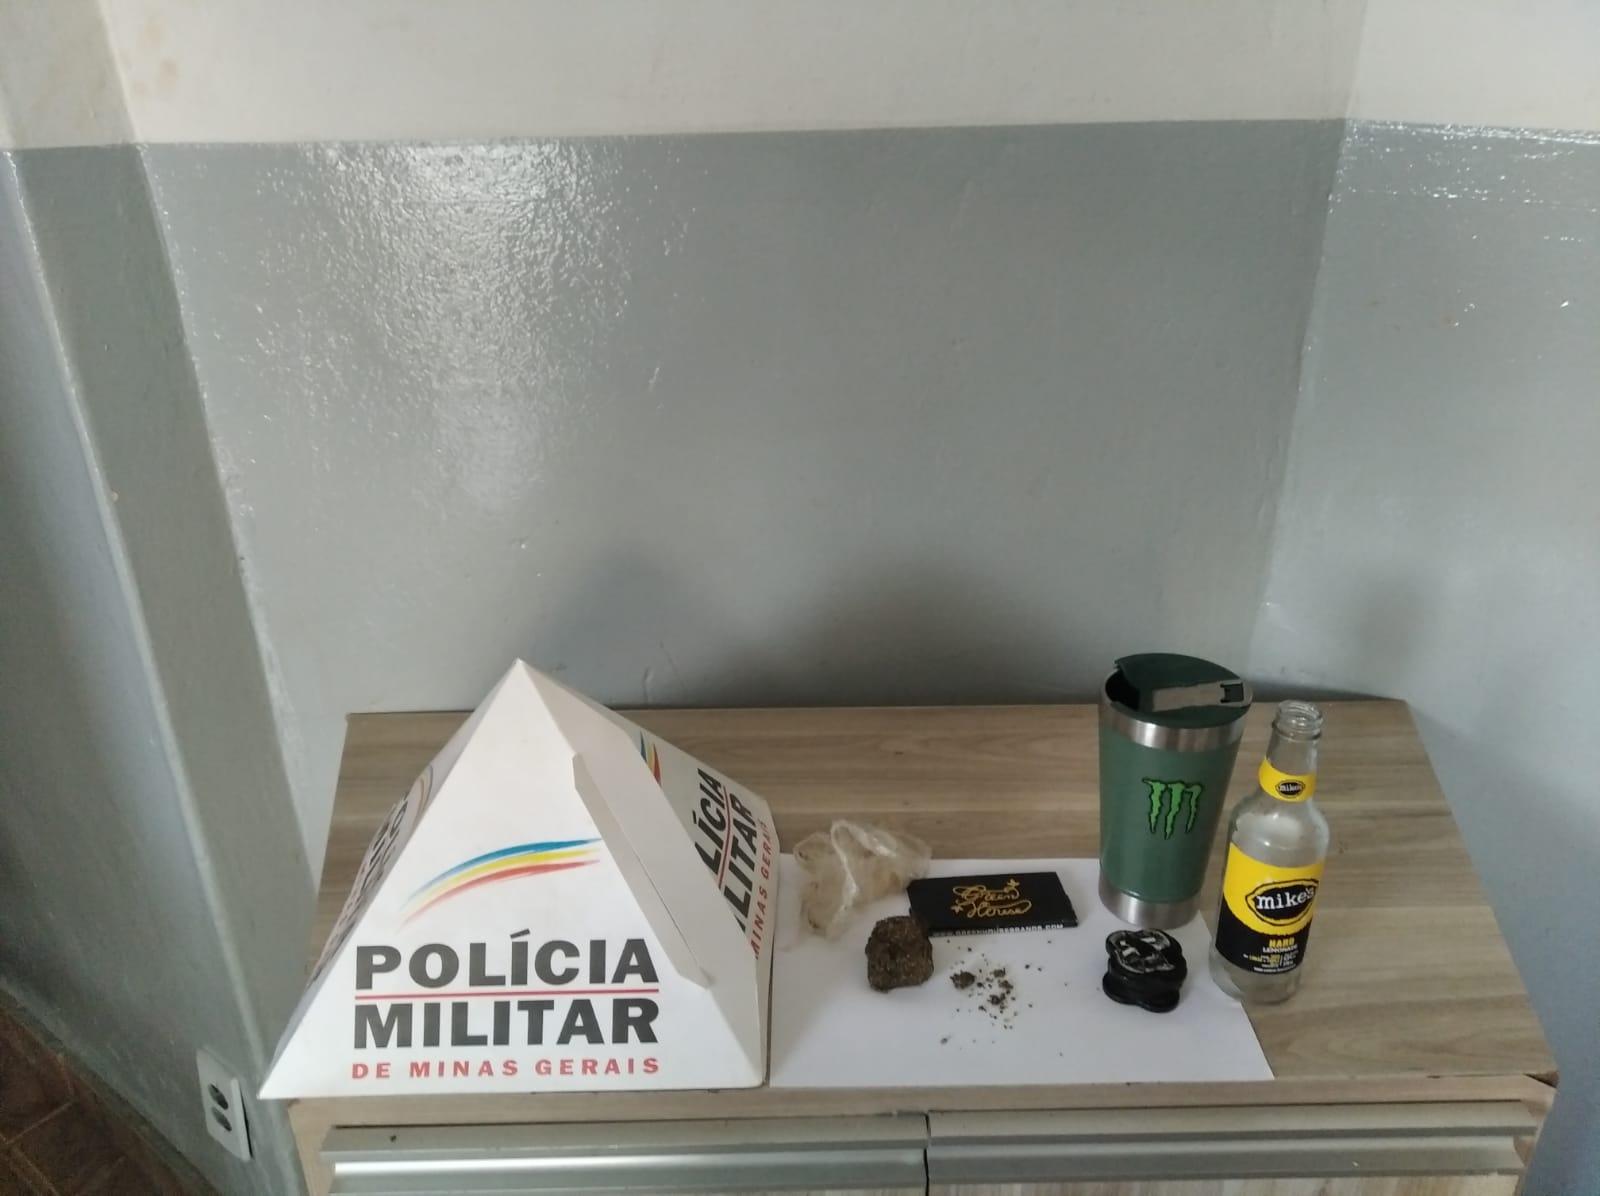 Polícia militar prende condutor sob efeito de álcool após acidente de trânsito em Araxá